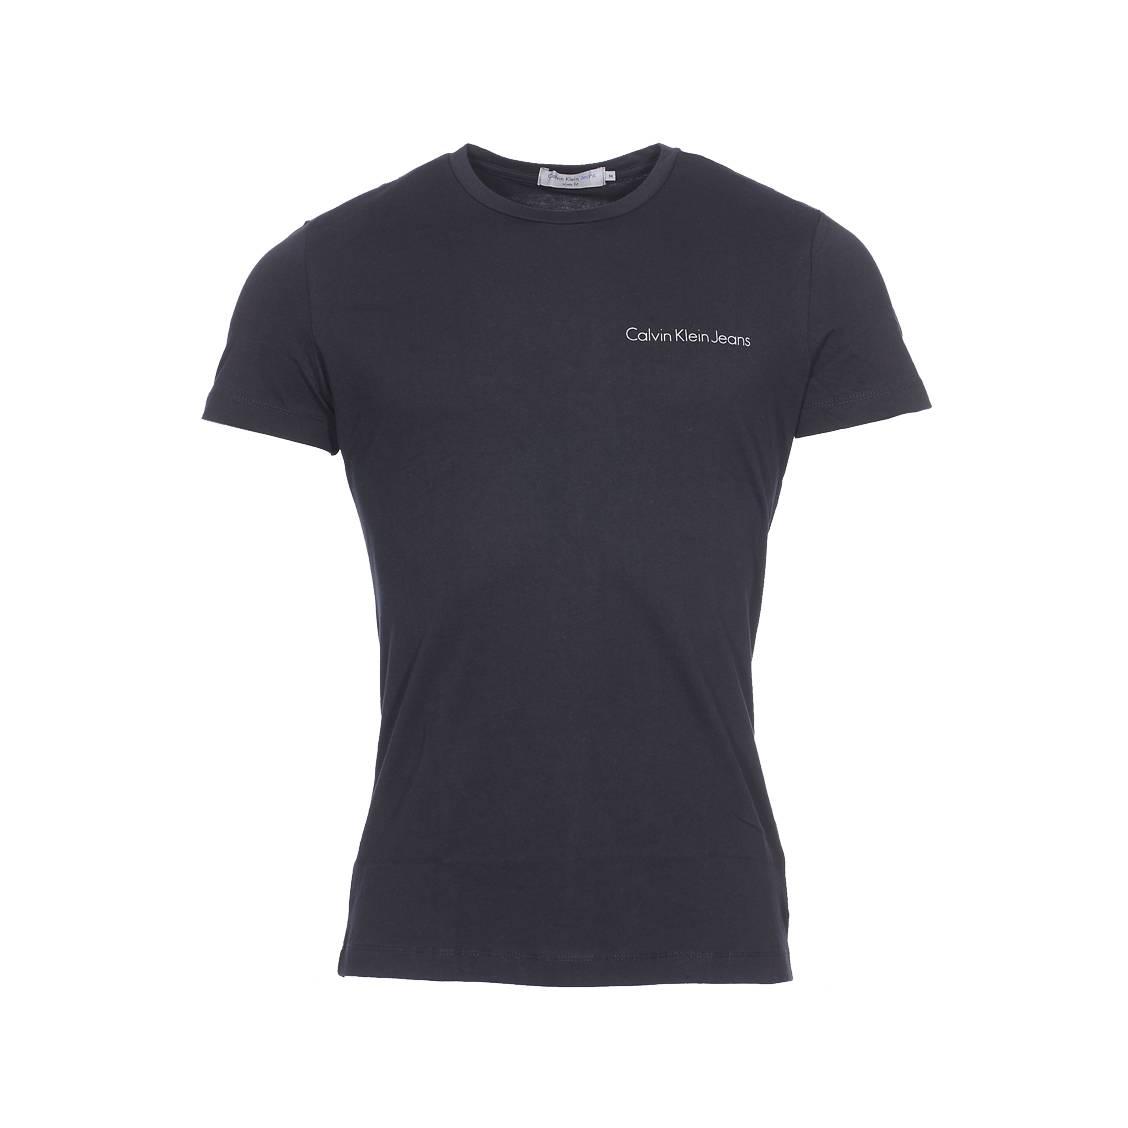 Tee-shirt col rond  typoko en coton noir